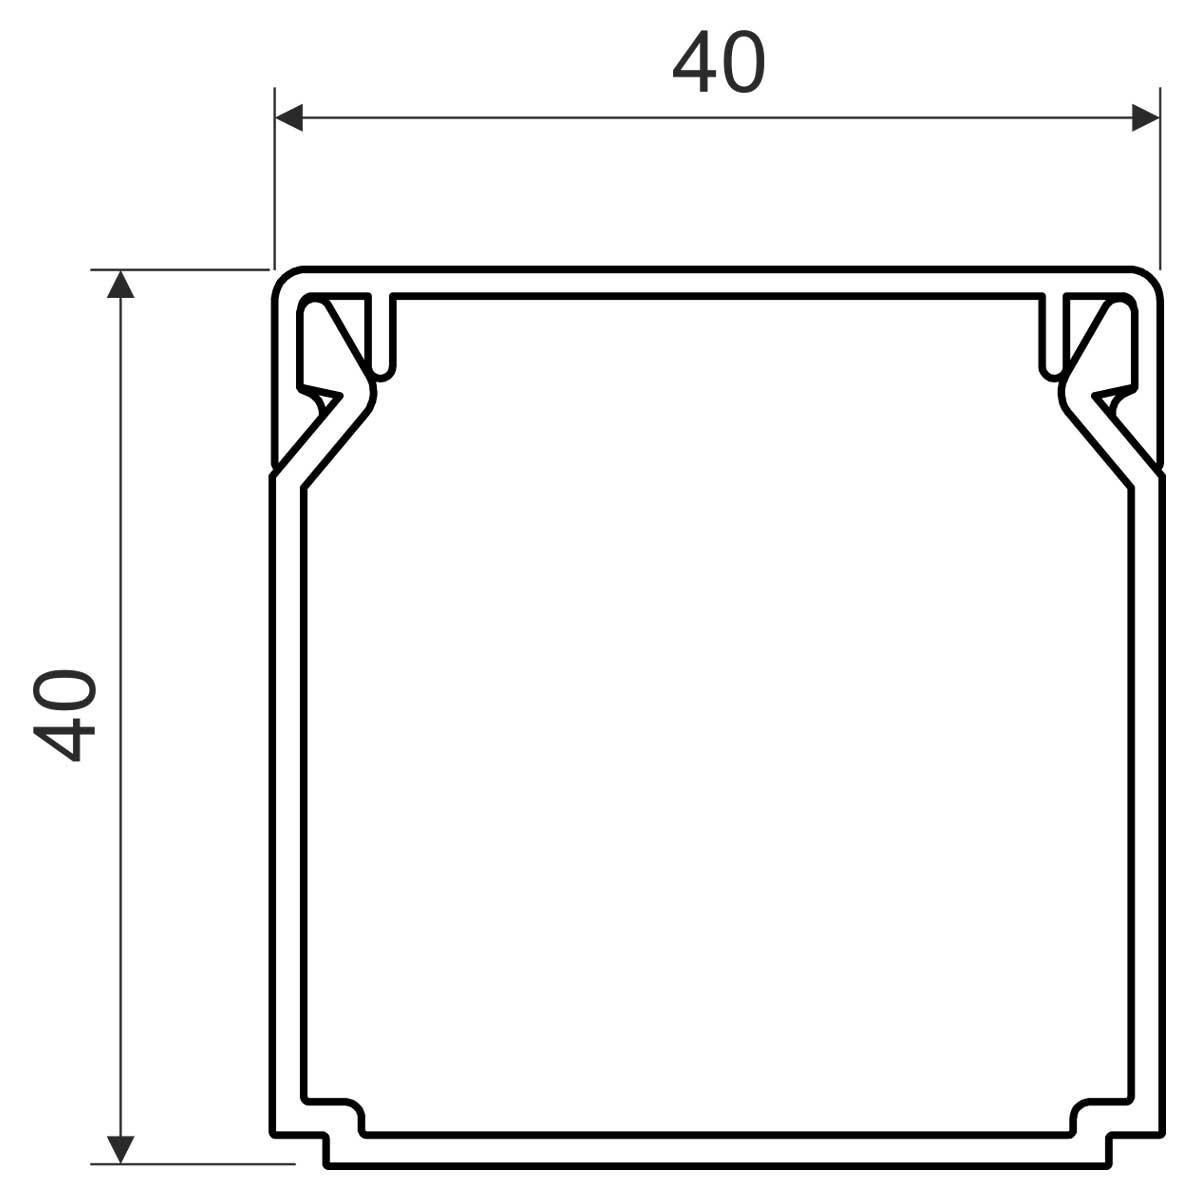 Кабельний канал з ПВХ білого кольору 40х40мм; Серія LHD; ПВХ